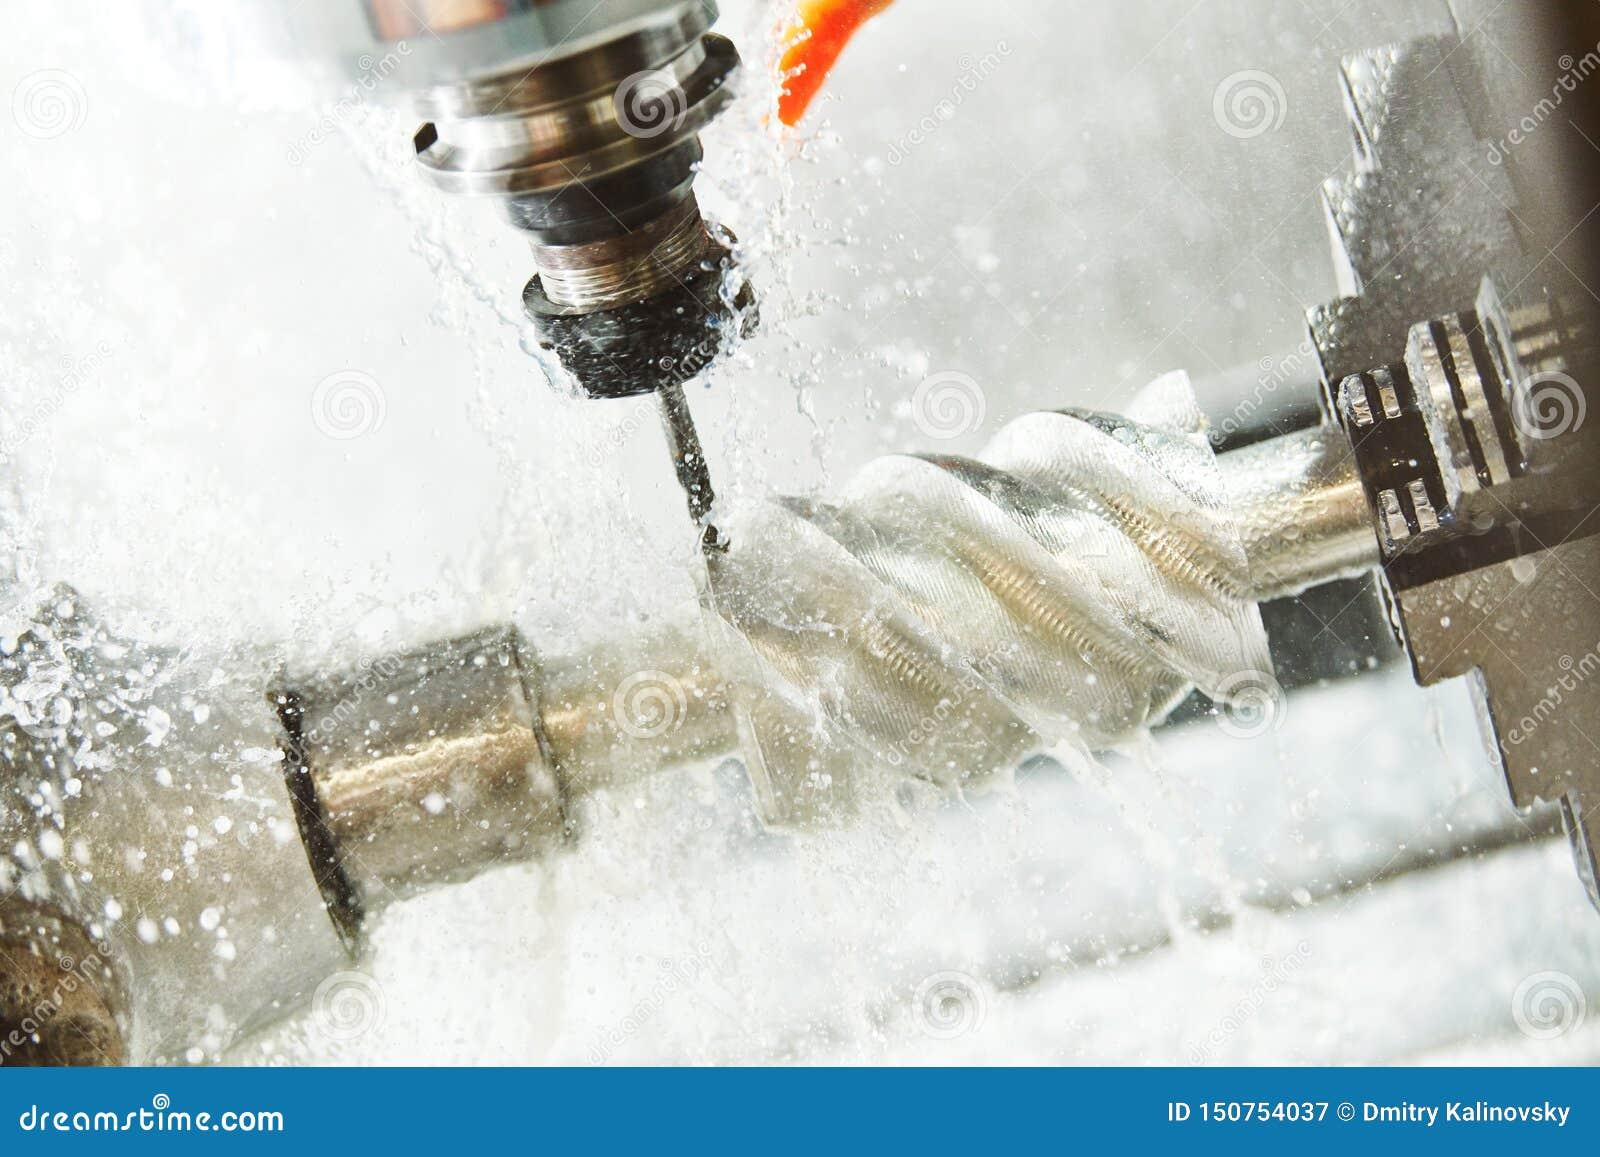 CNC mielenia maszyny praca Coolant i nat?uszczenie w metalwork przemysle